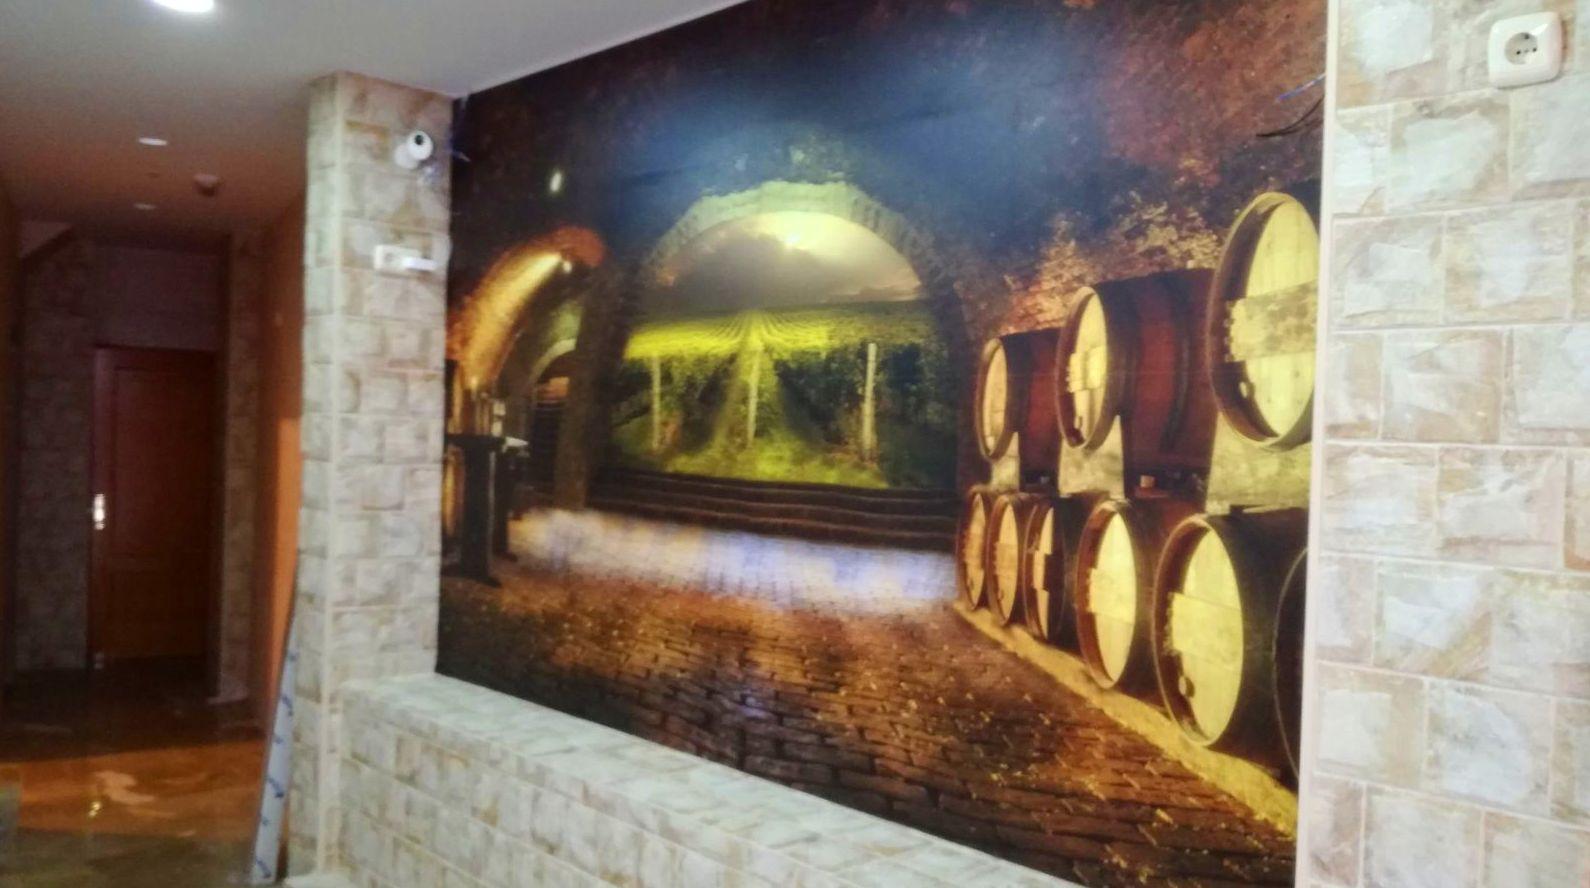 Rotulamos estas paredes con fotografías de alta resolución para aportar profundidad a este Mesón de Chauchina. Con laminado para poder limpiarlo